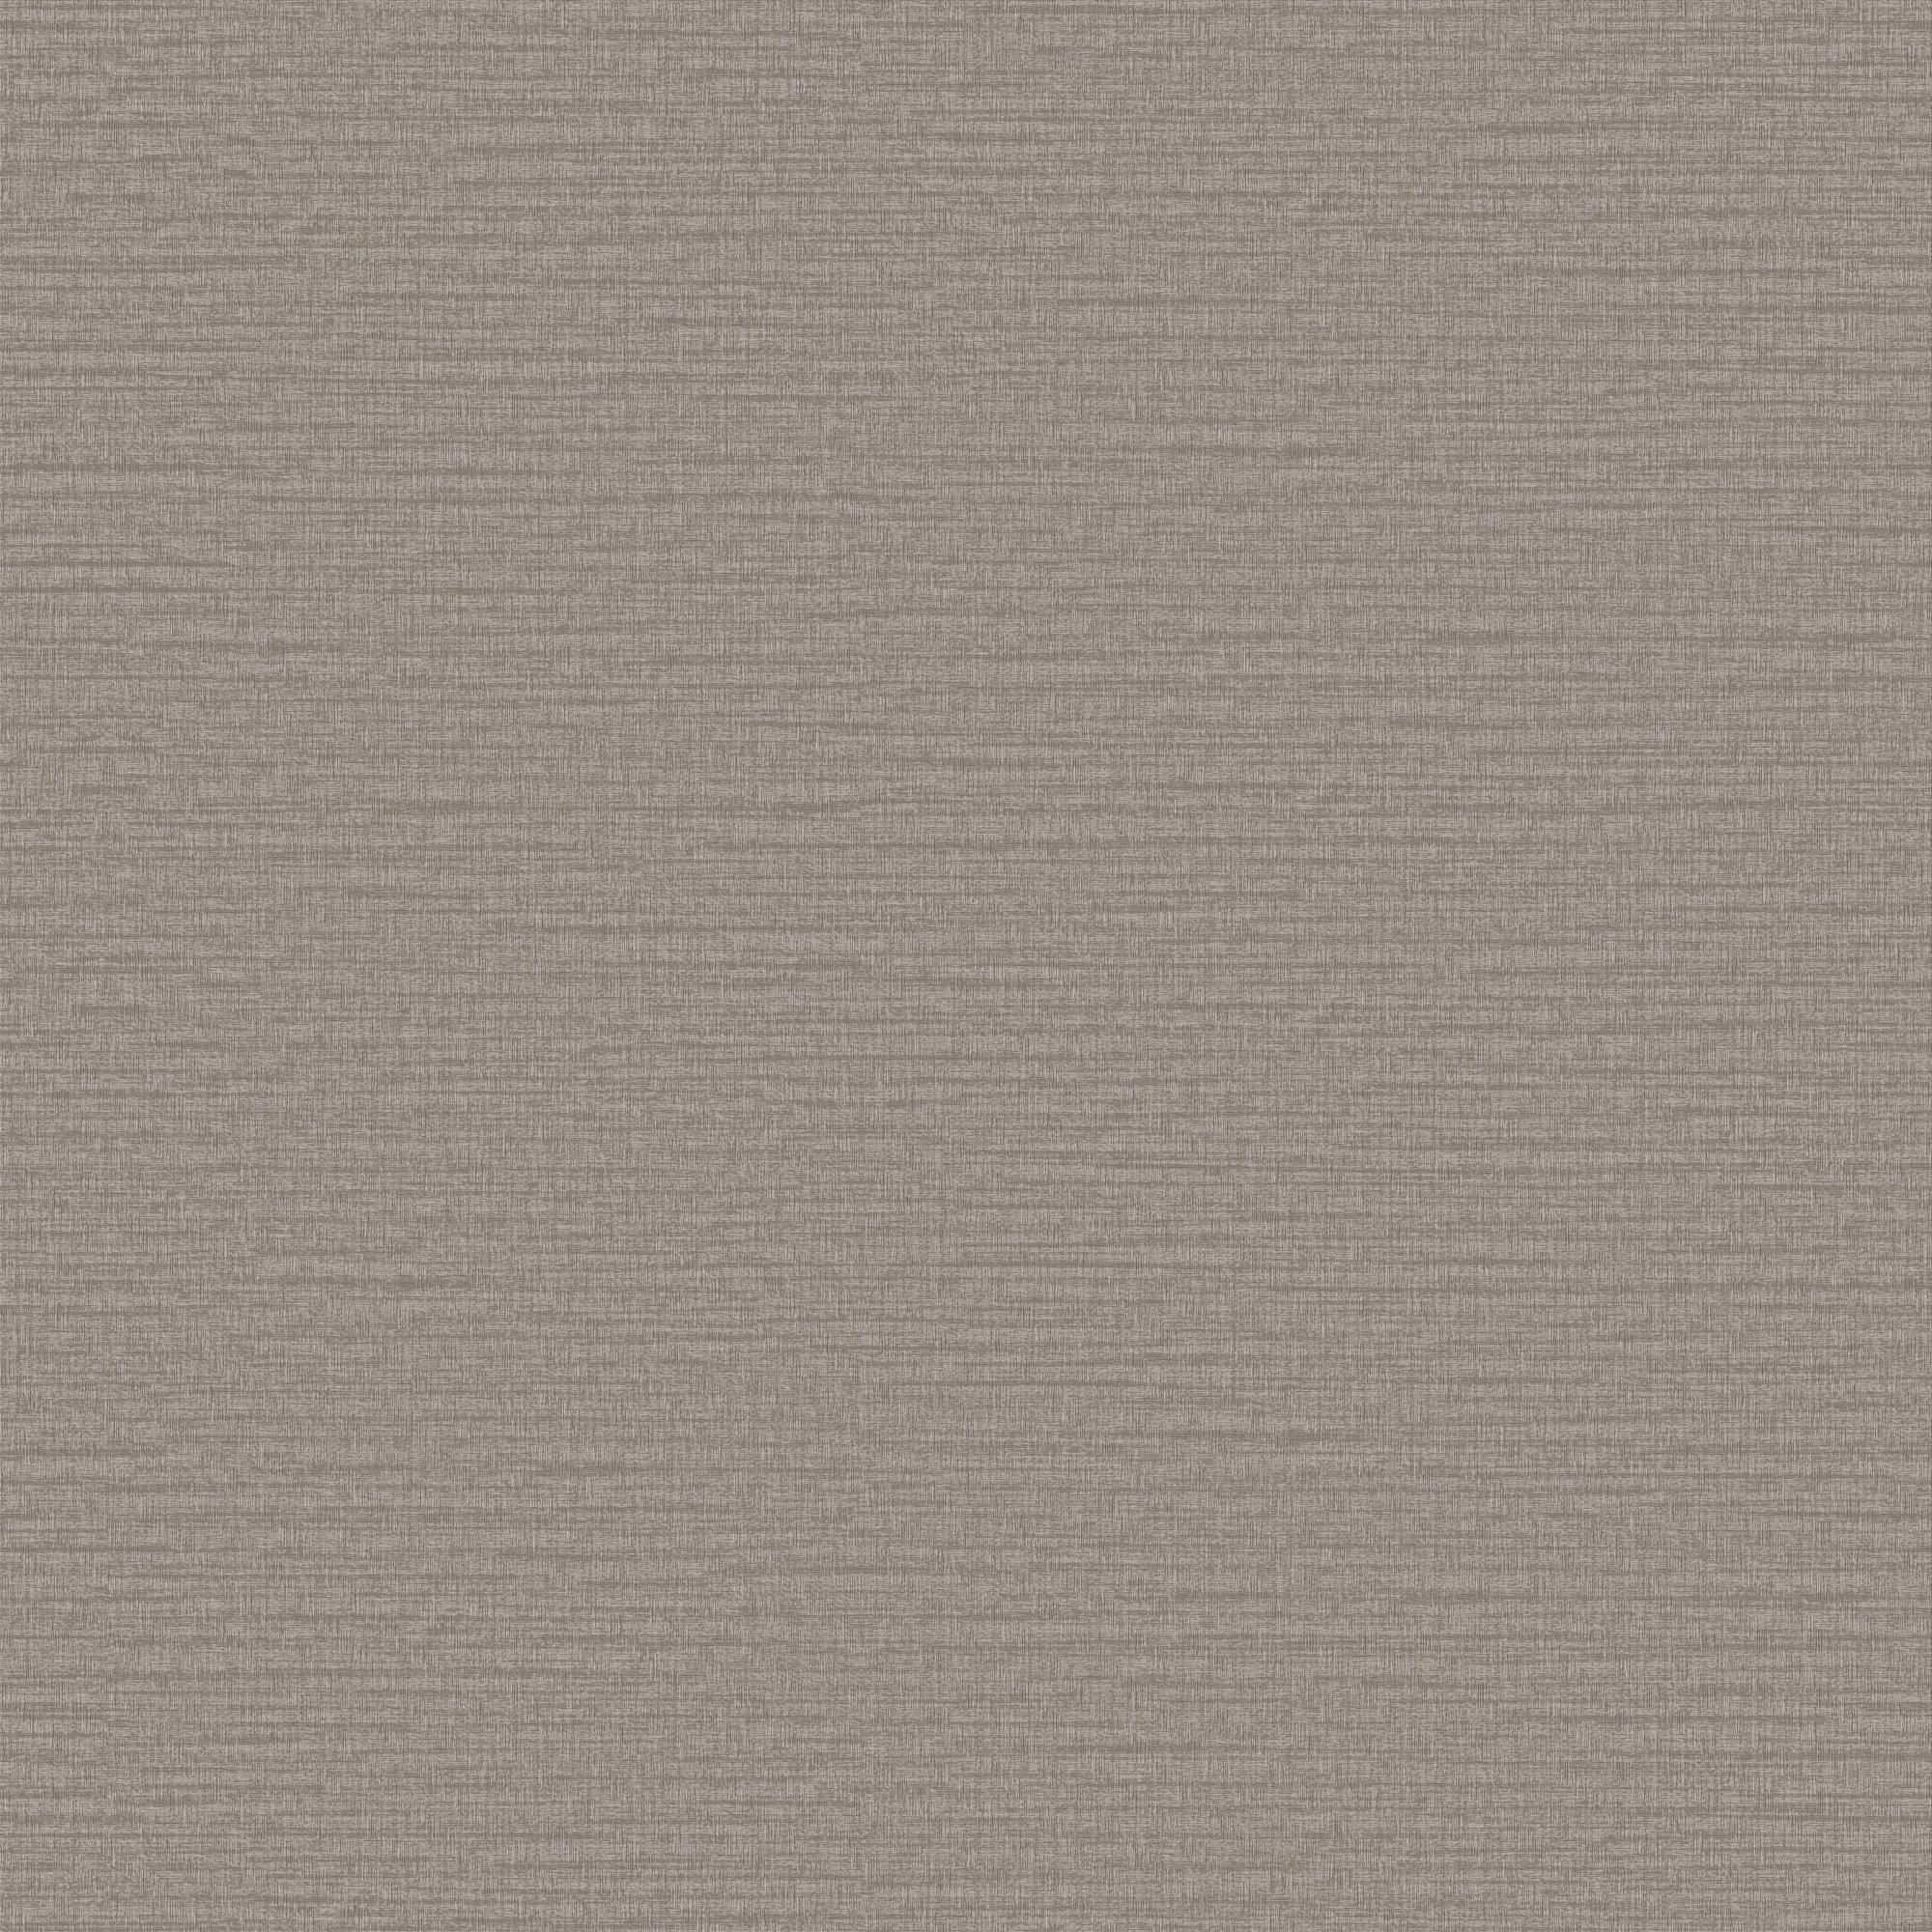 Papel de Parede 53cm x 10m PVC Texturizado Tiffany 3056 - Jolie